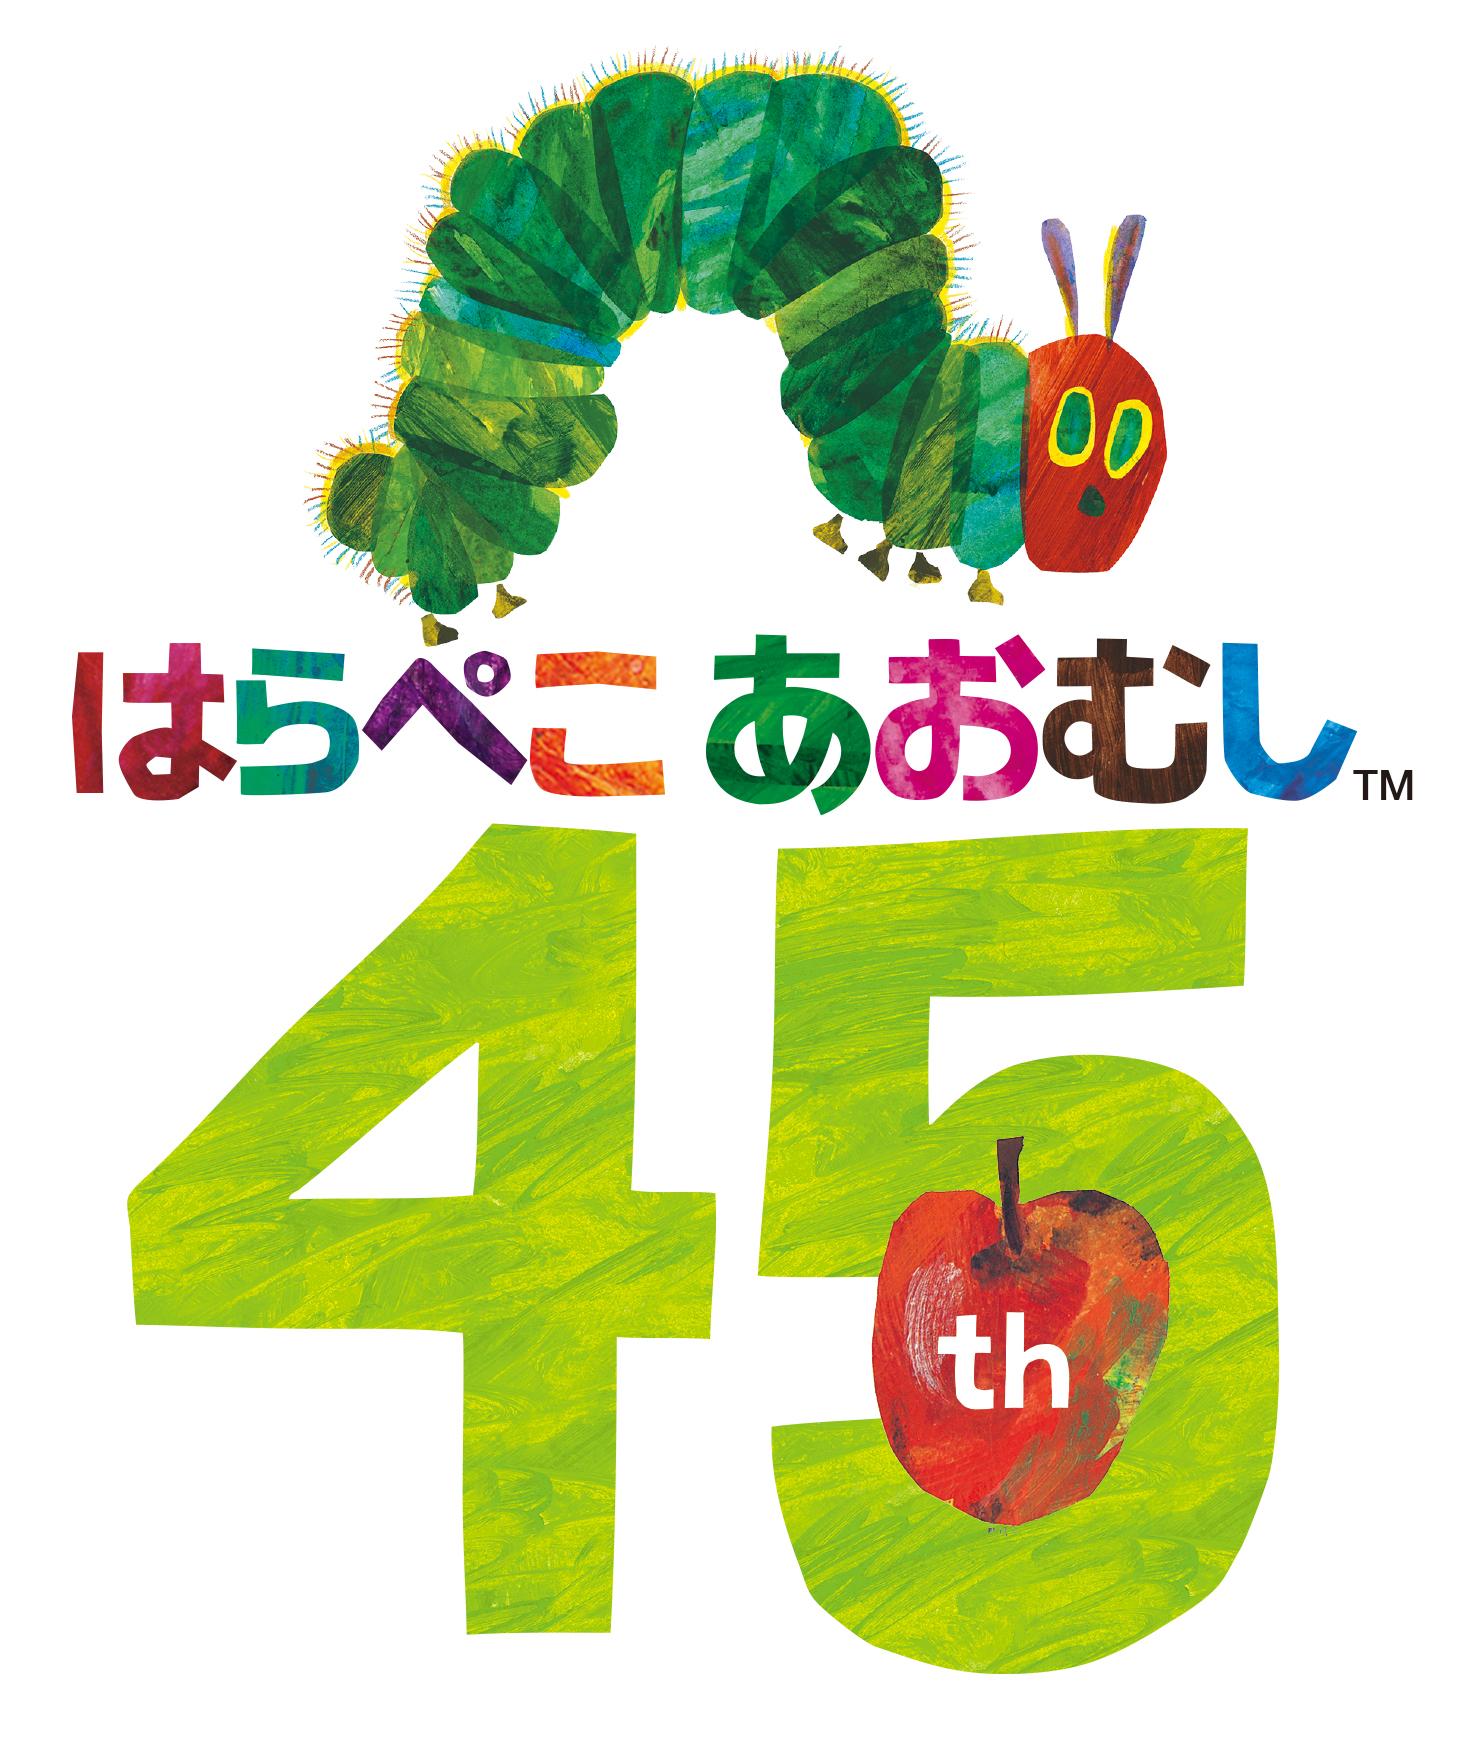 はらぺこあおむし45周年 初版本の印刷は日本だった!